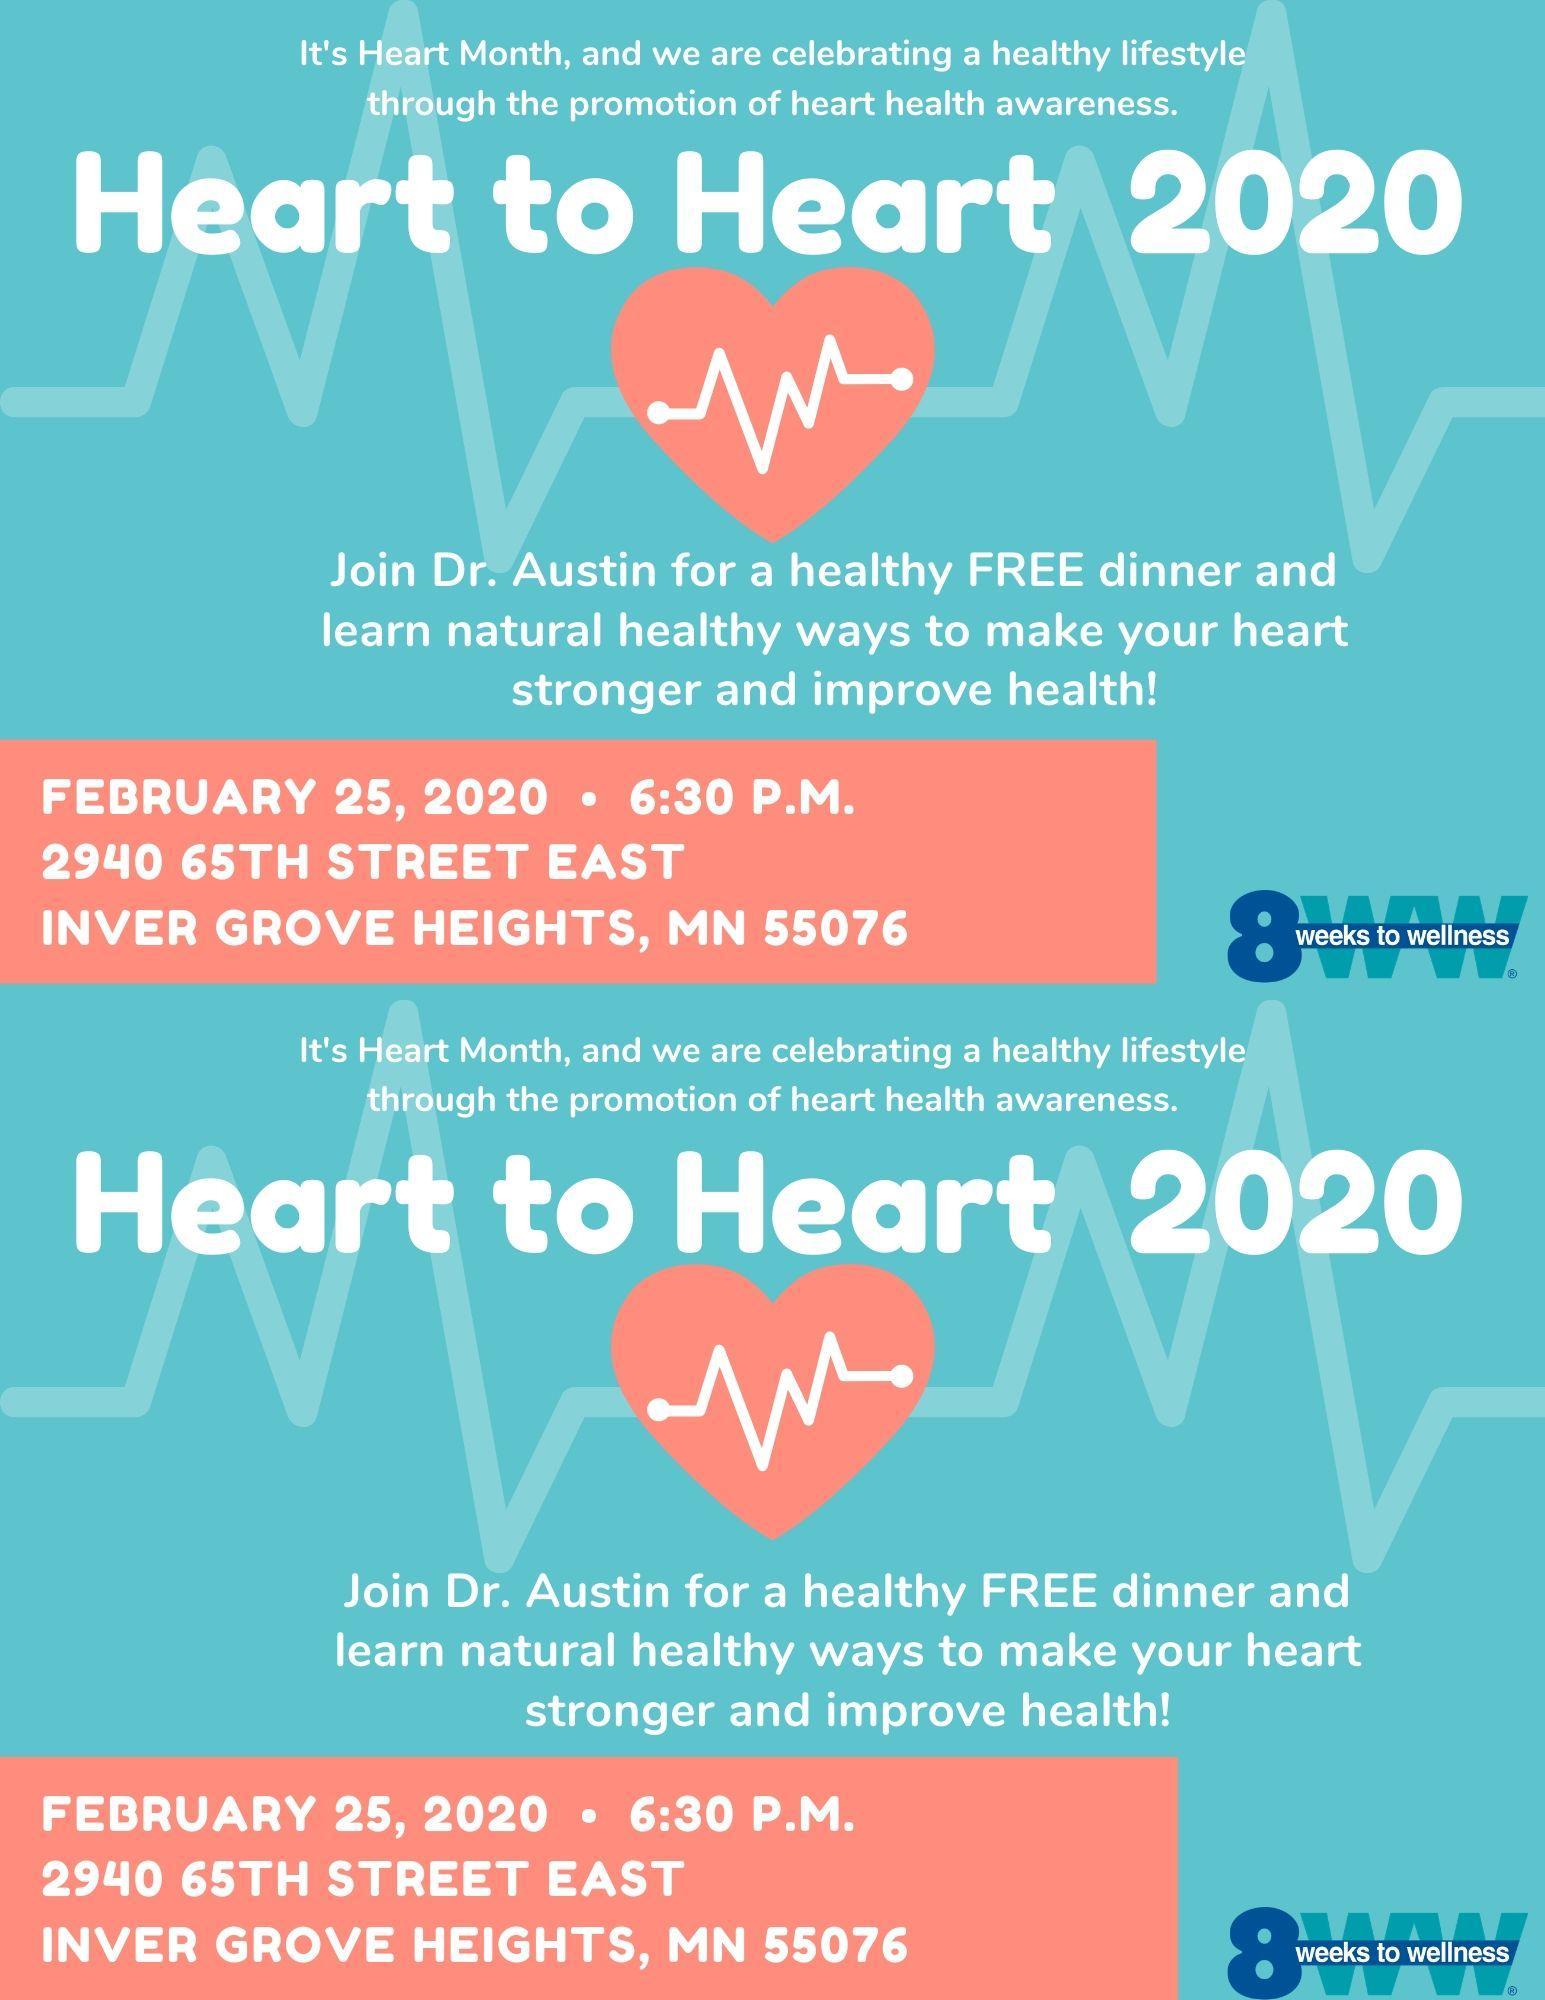 Heart to Heart 2020